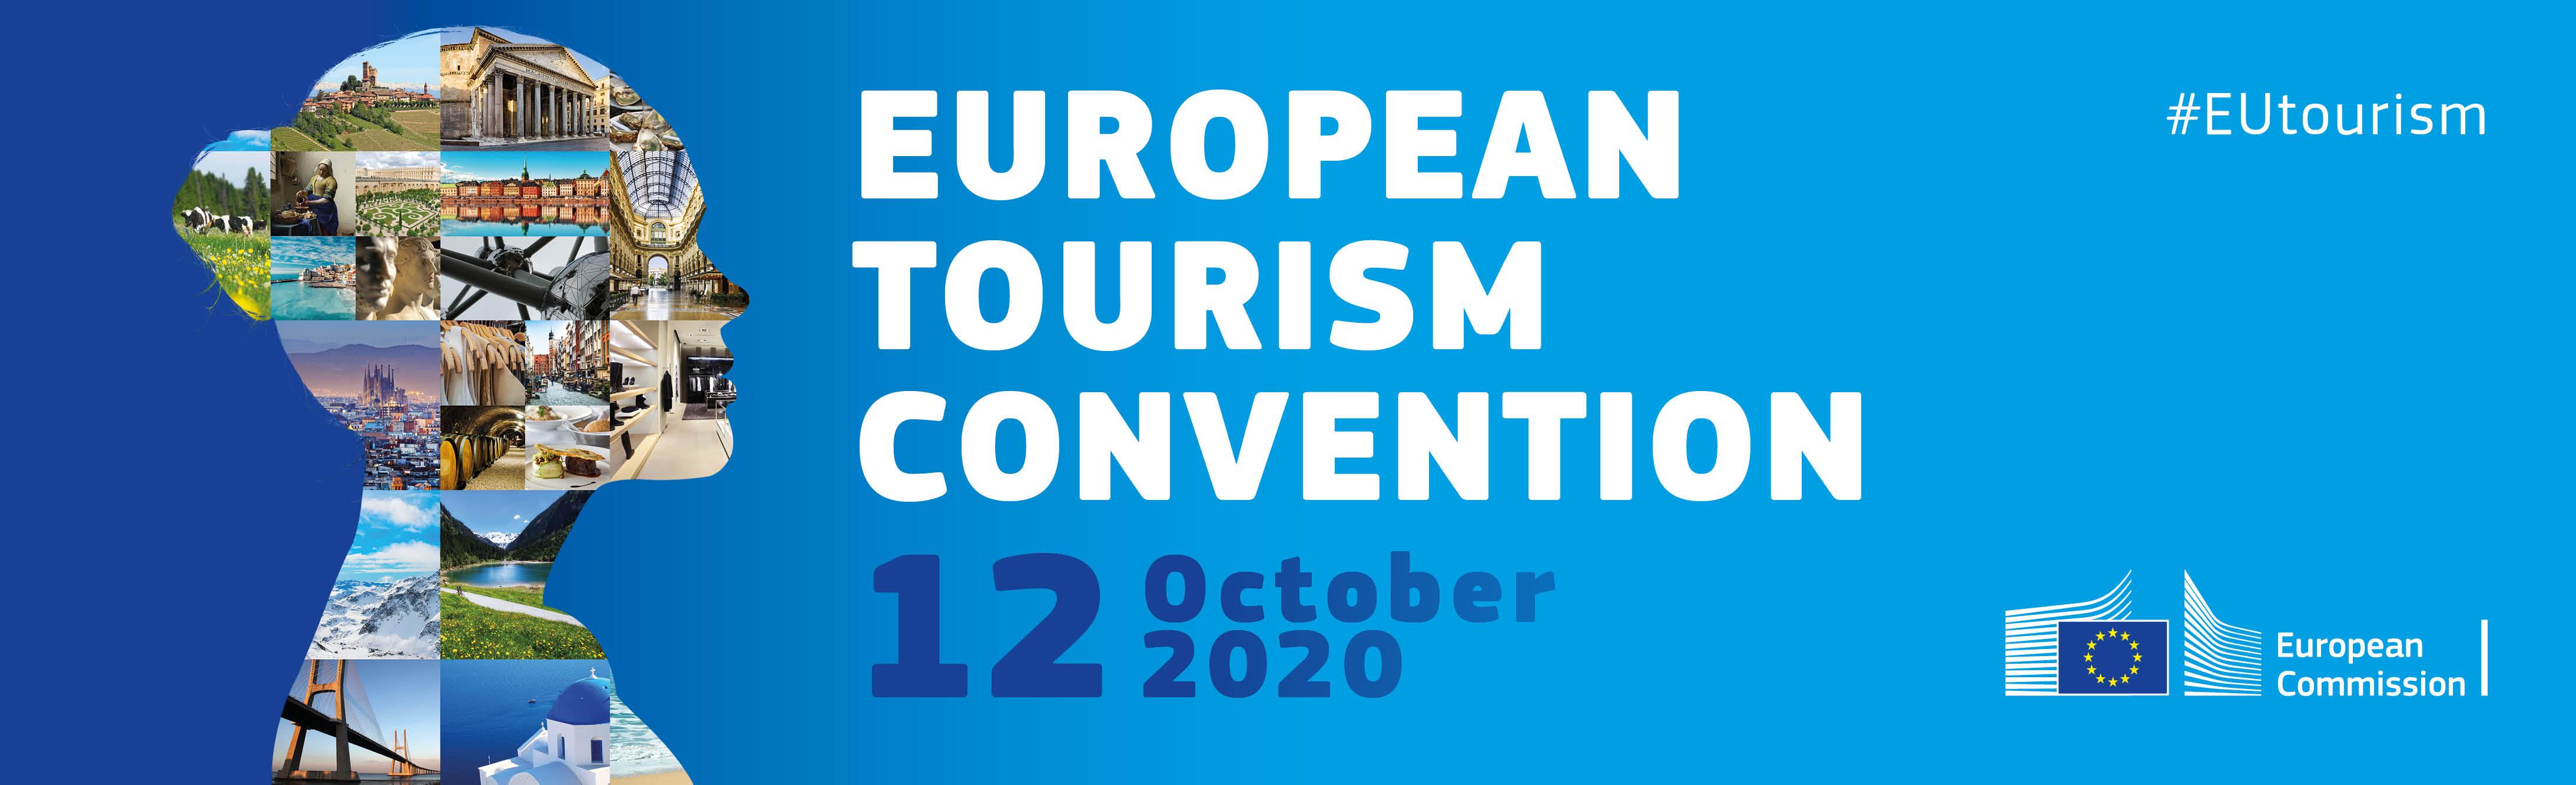 Convención Europea de Turismo